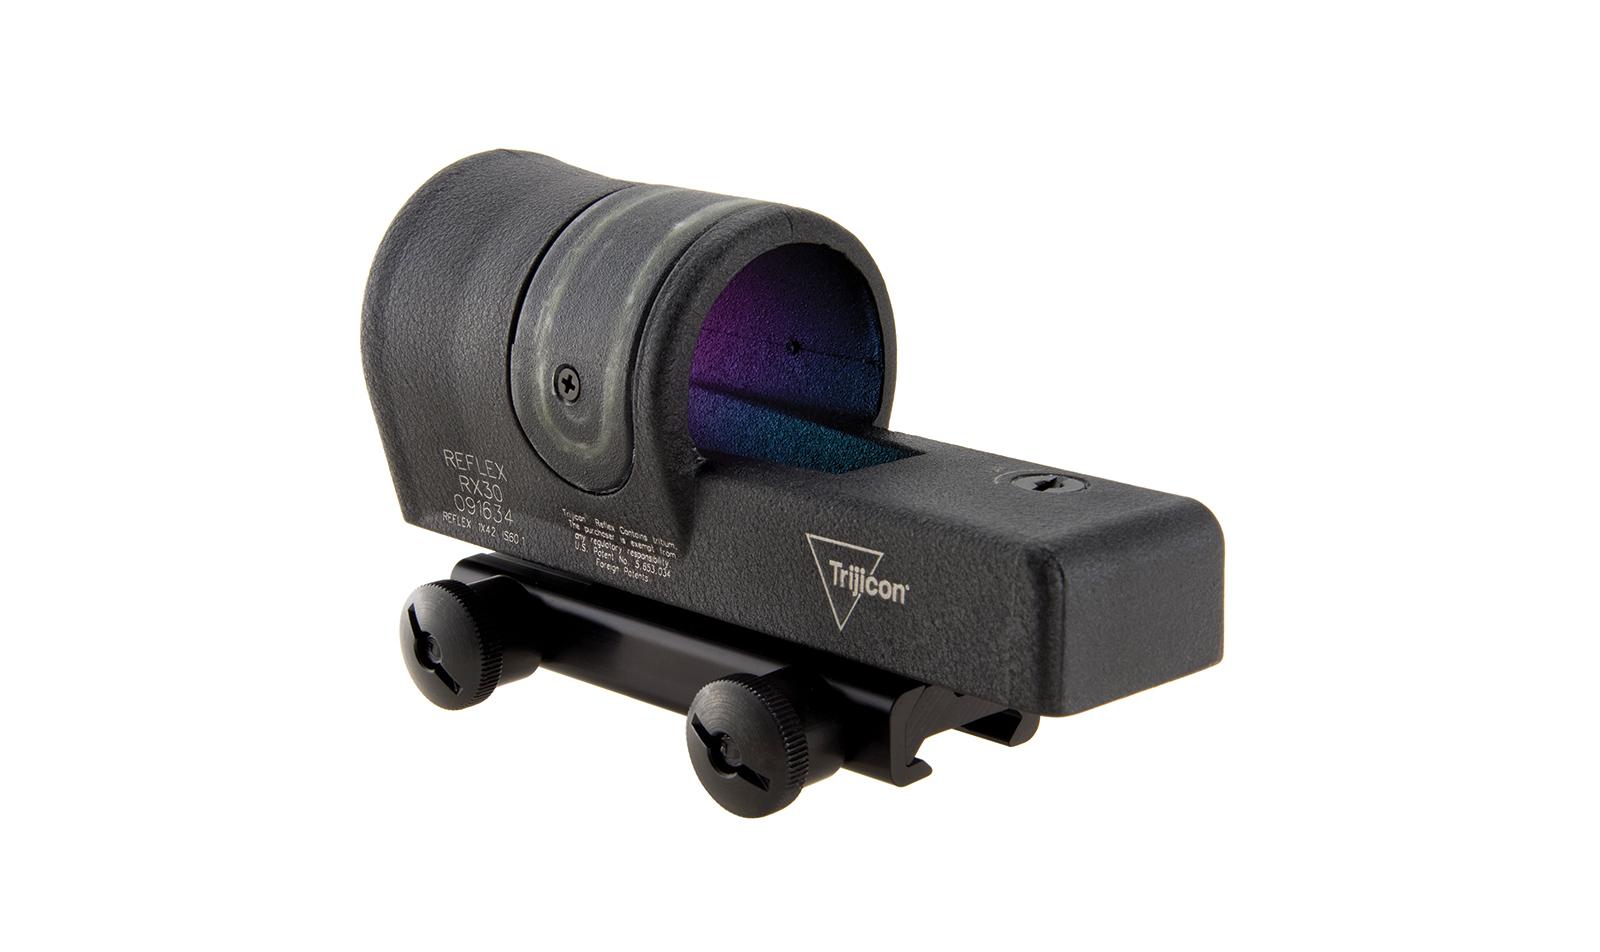 RX30-C-800113 angle 3